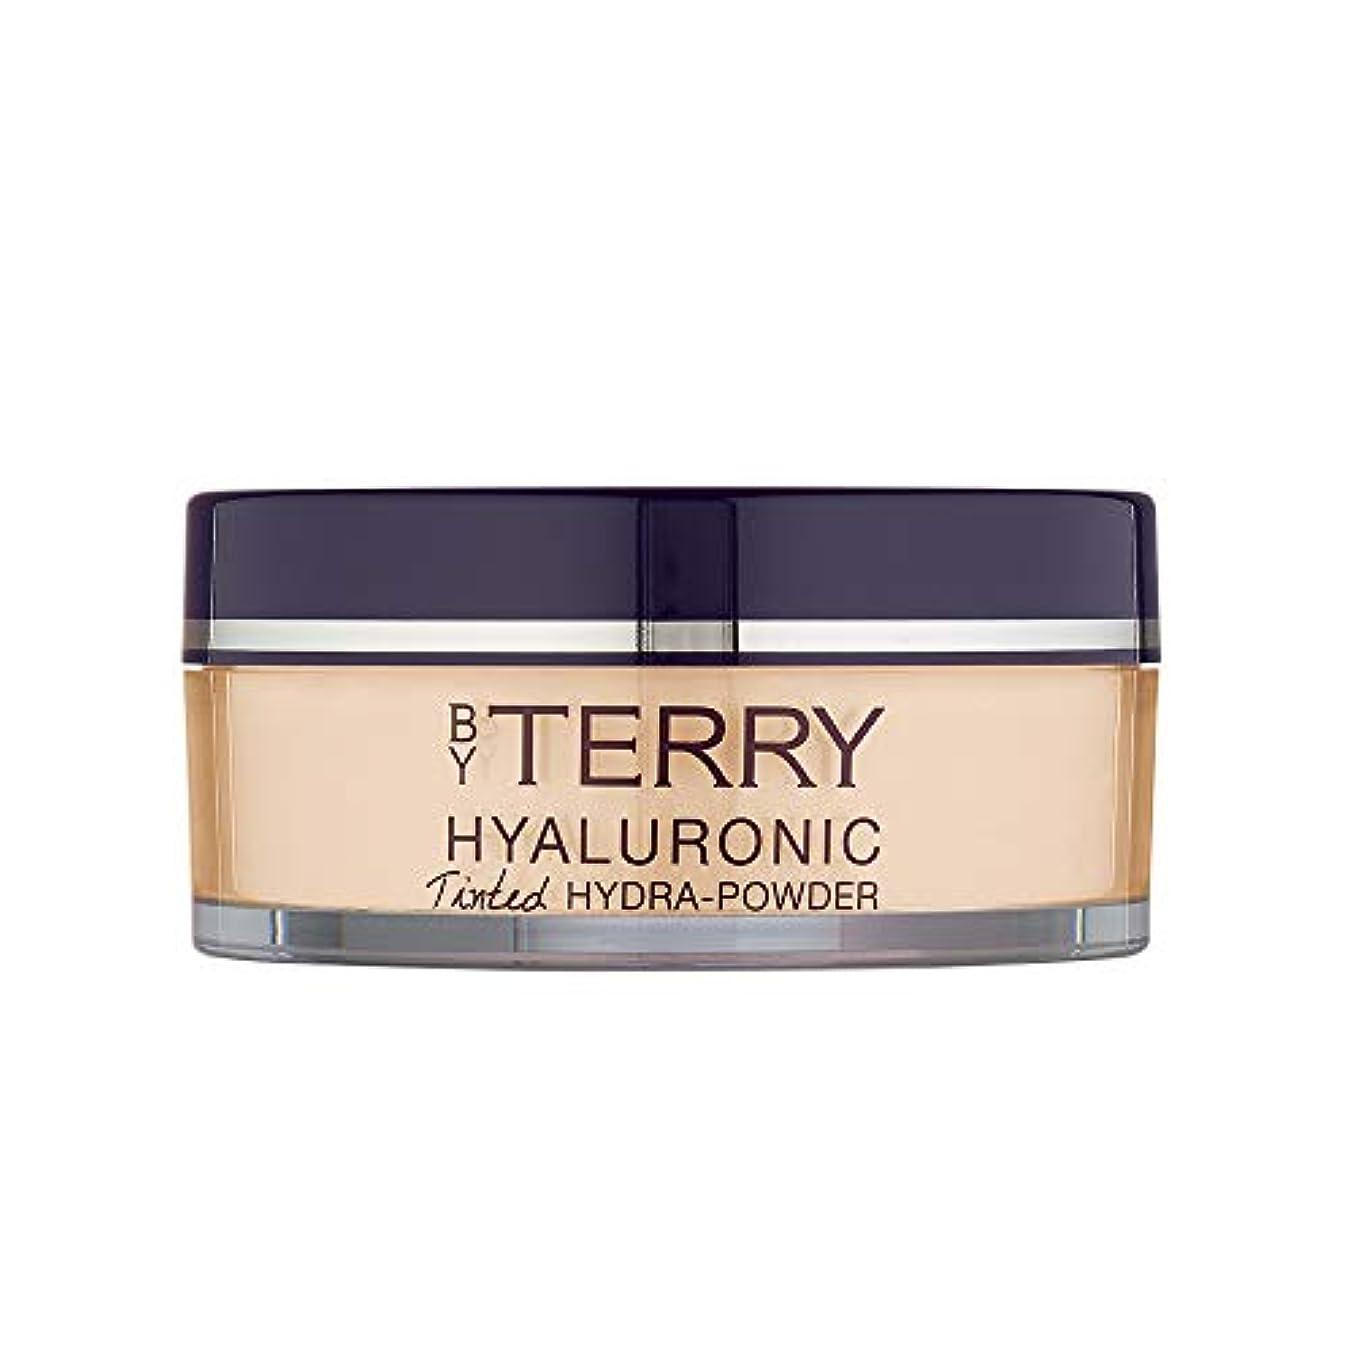 発火する薬剤師傀儡バイテリー Hyaluronic Tinted Hydra Care Setting Powder - # 100 Fair 10g/0.35oz並行輸入品